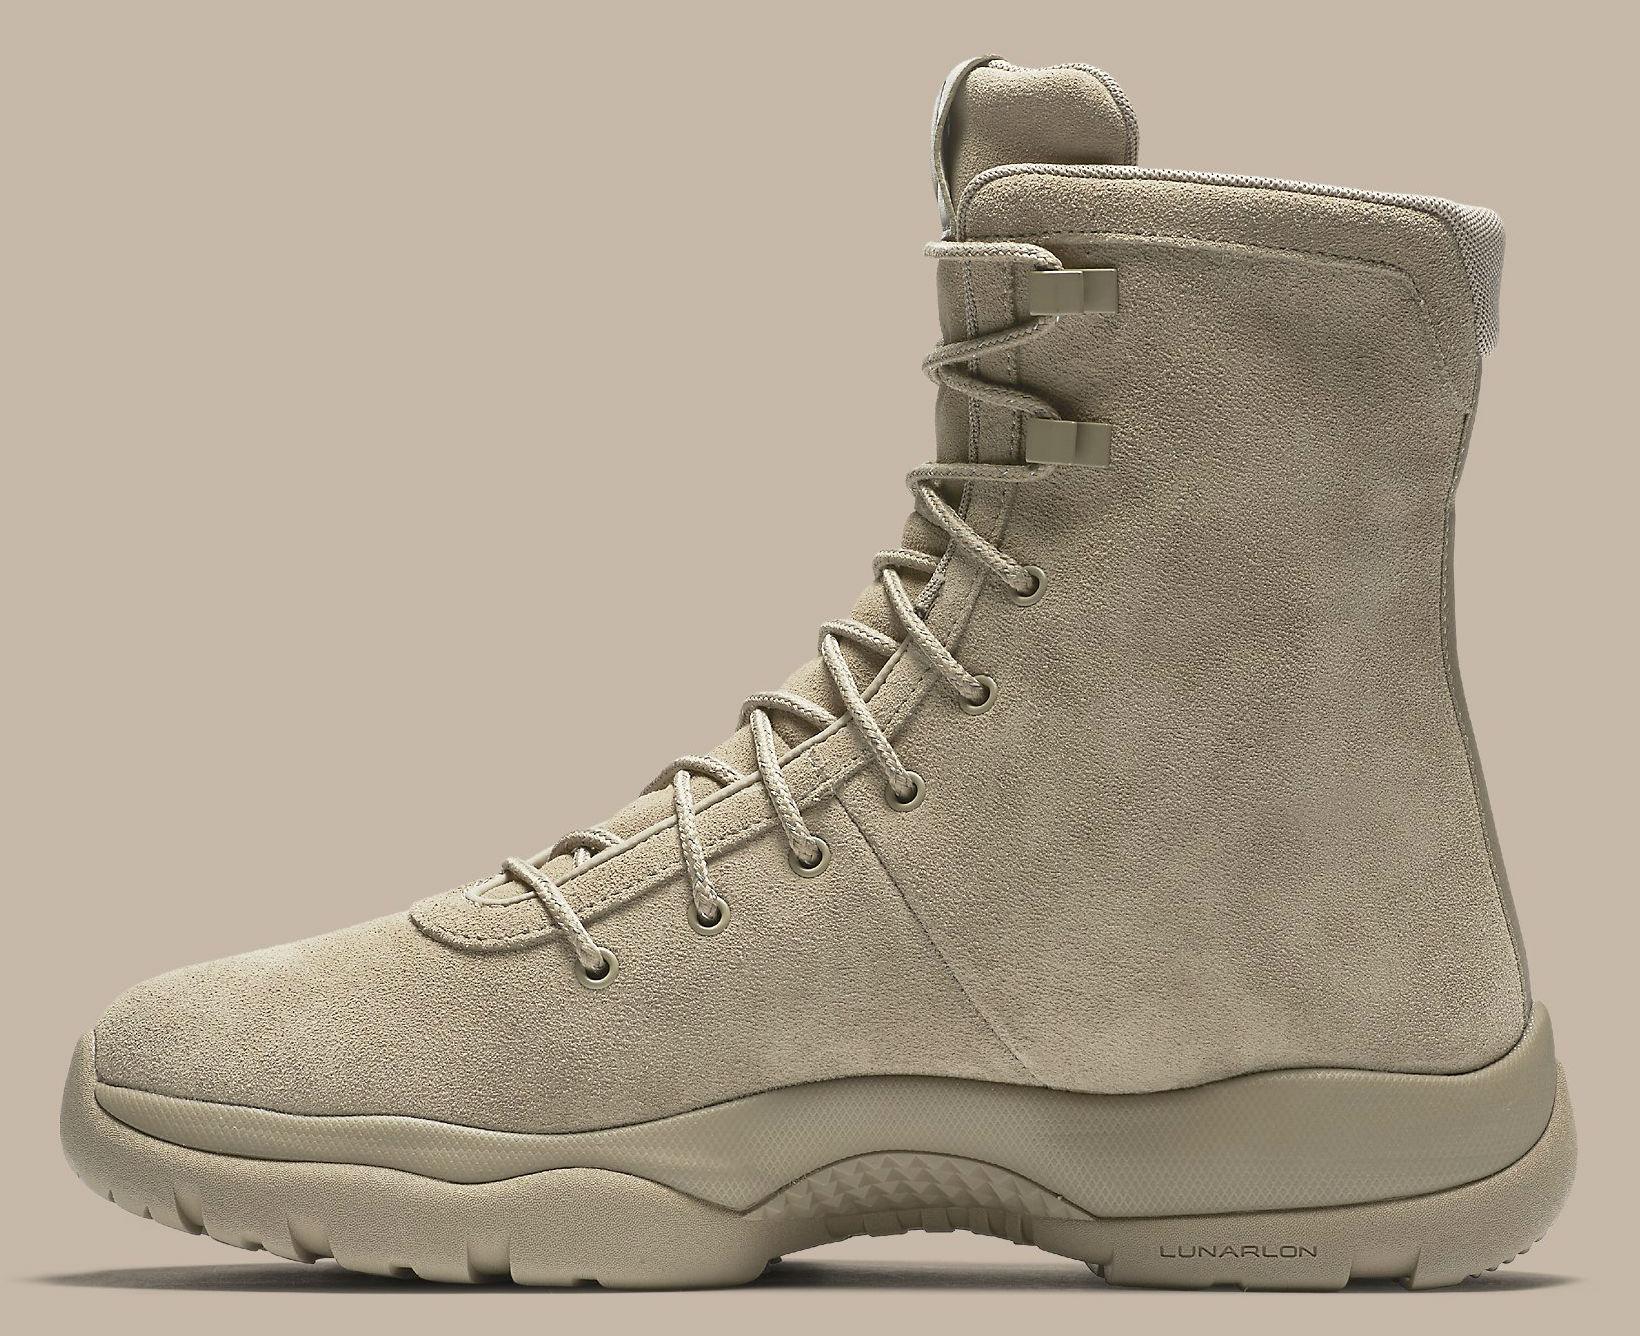 8f632ccda96 ... real air jordan future boot khaki medial 878222 205 0170b 92e38 ...